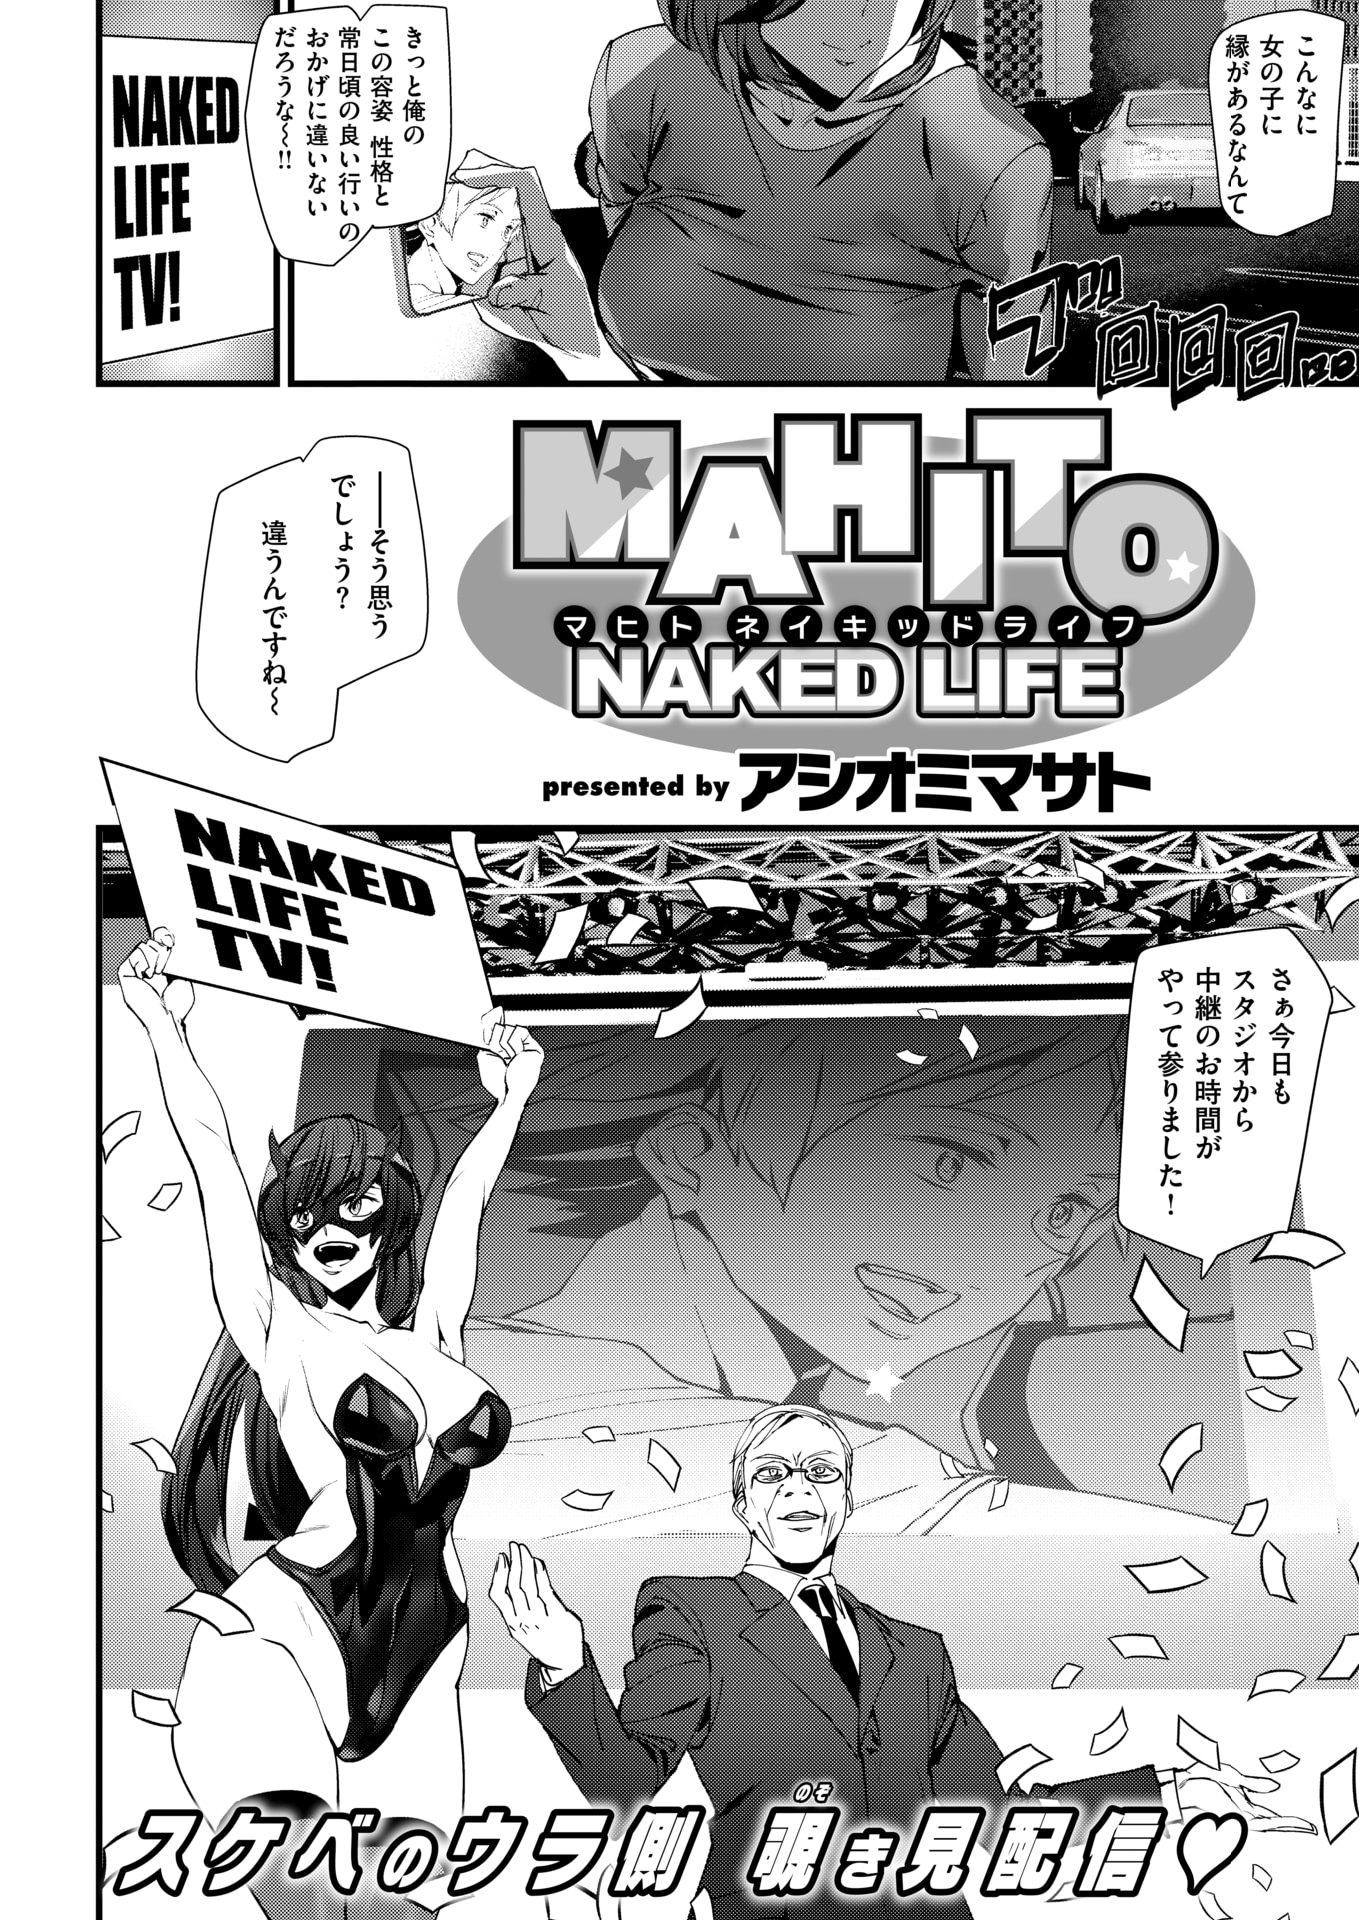 【ギャル巨乳エロ漫画】MAHITO NAKED LIFE_00002